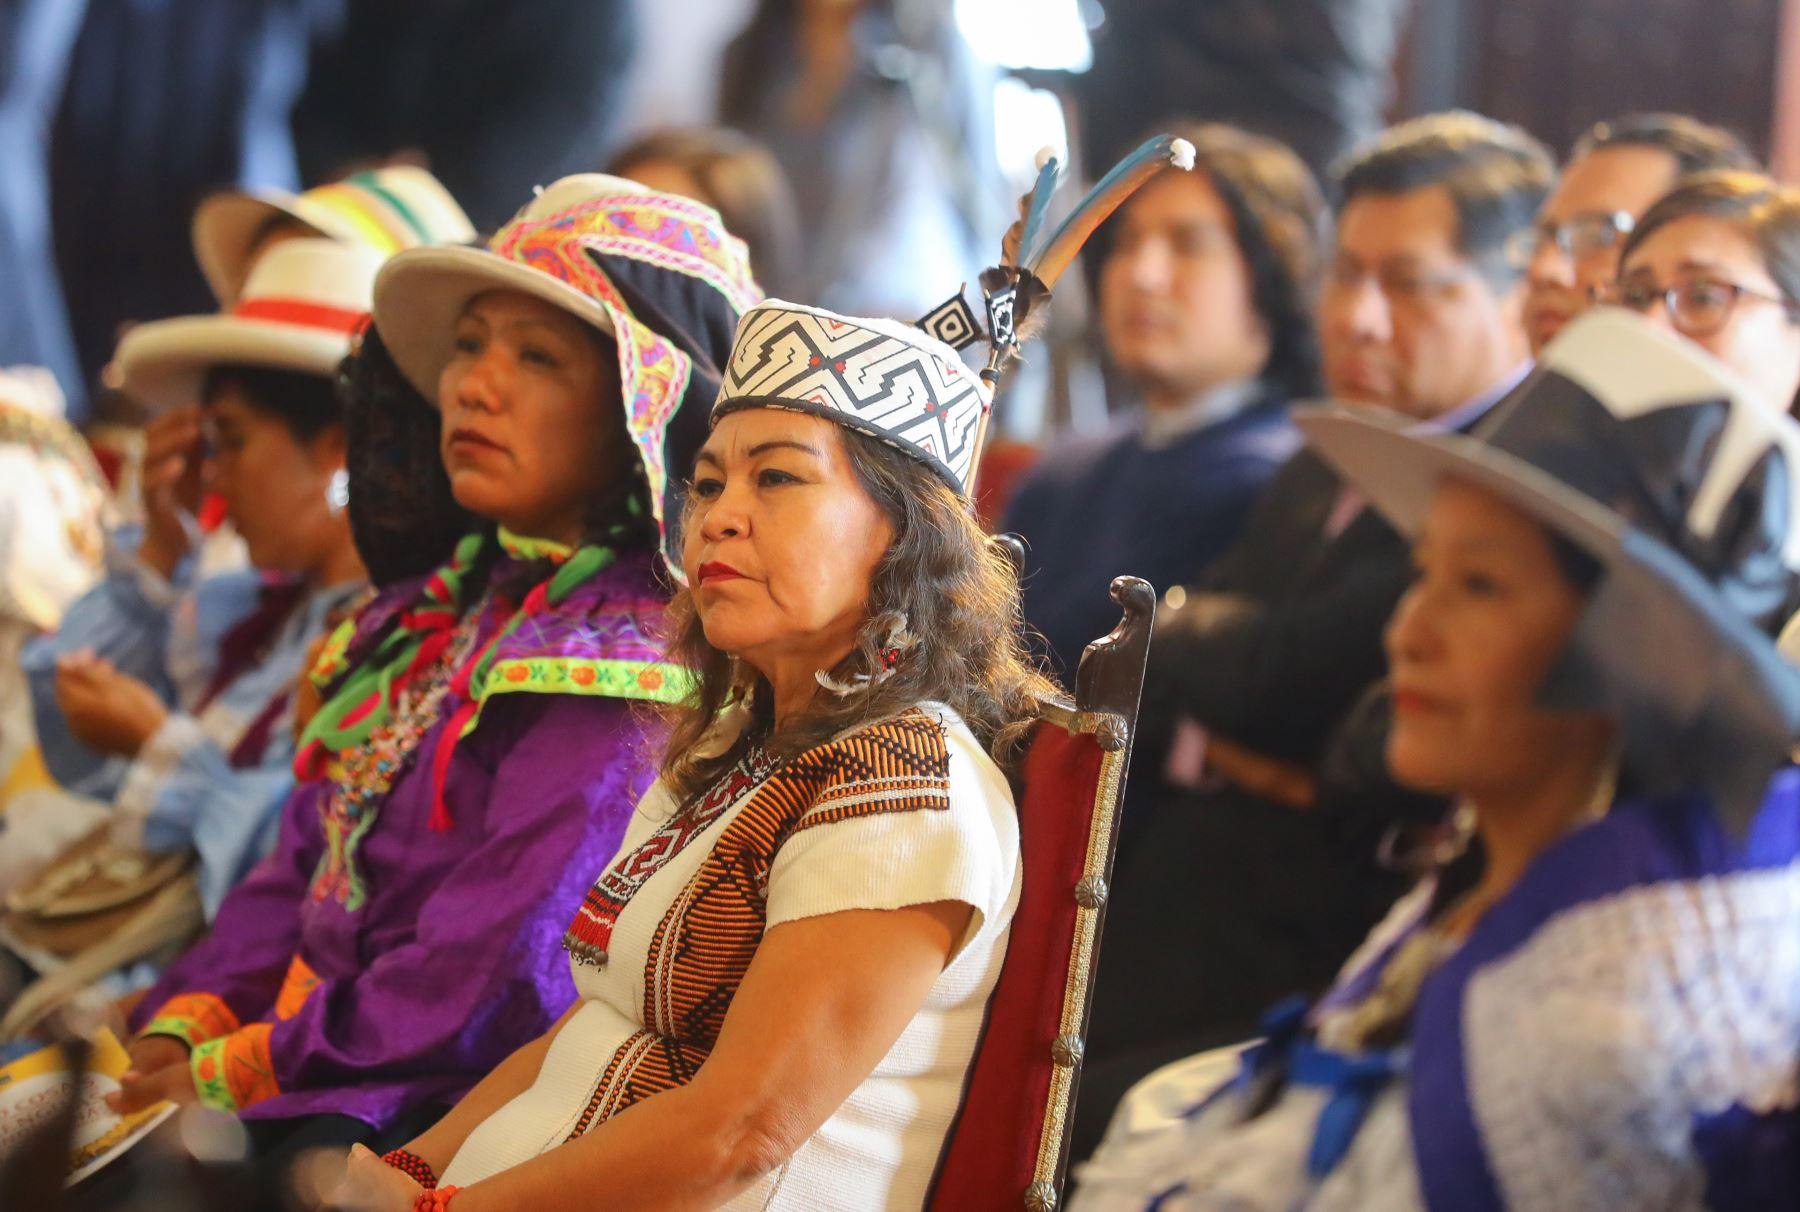 El Ministerio de Cultura concluyó con éxito el proceso de convocatoria para el Décimo Curso de Intérpretes y Traductores en Lenguas Indígenas. ANDINA/Prensa Presidencia